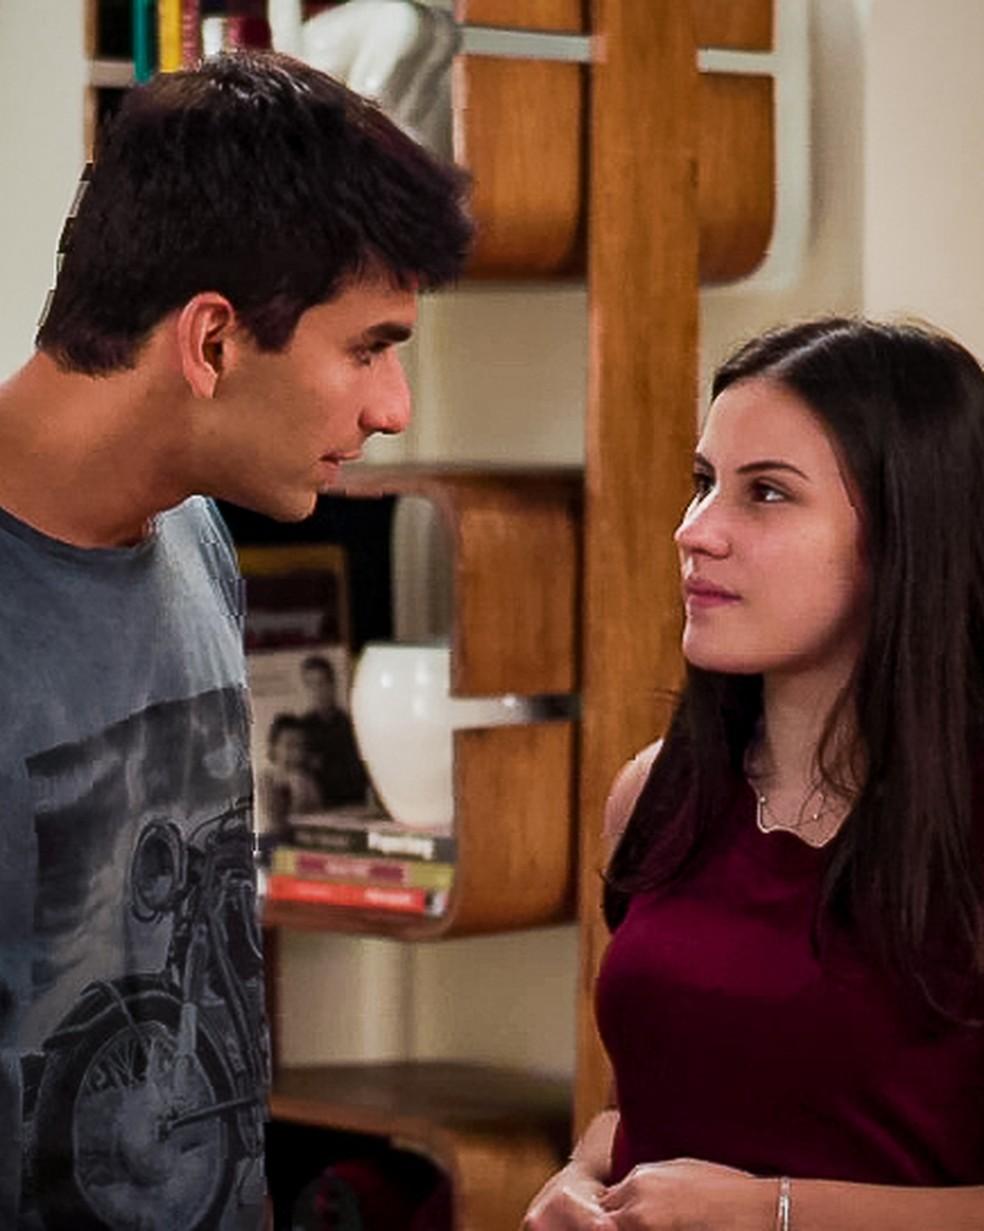 'Quem disse que eu quero ouvir?', questiona Milena (Giovanna Rispoli) em cena de 'Malhação - Toda Forma de Amar' — Foto: Globo